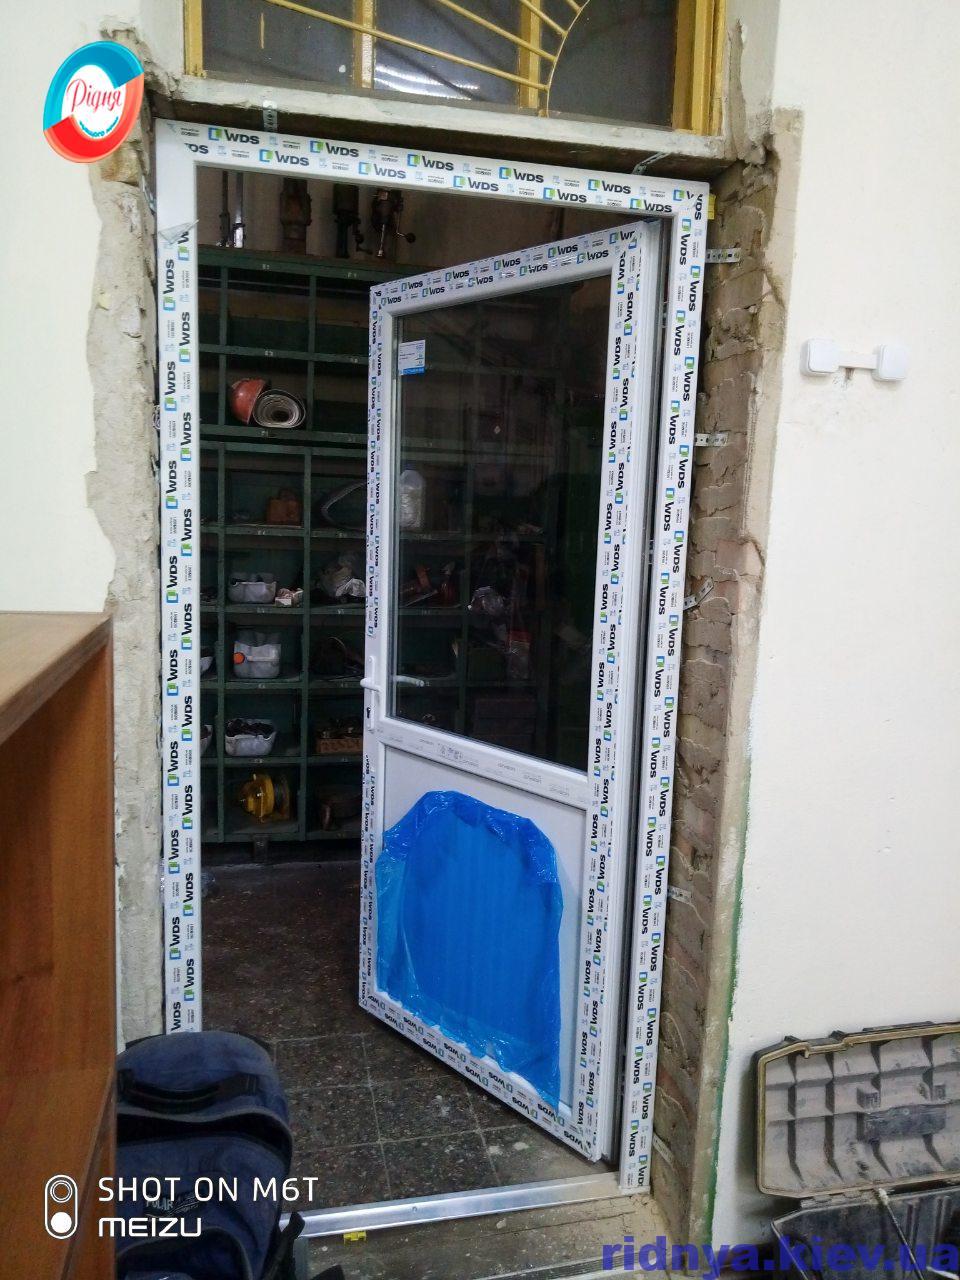 Пластиковые межкомнатные двери WDS Ирпень ул. Садовая 94 от компании Ридня